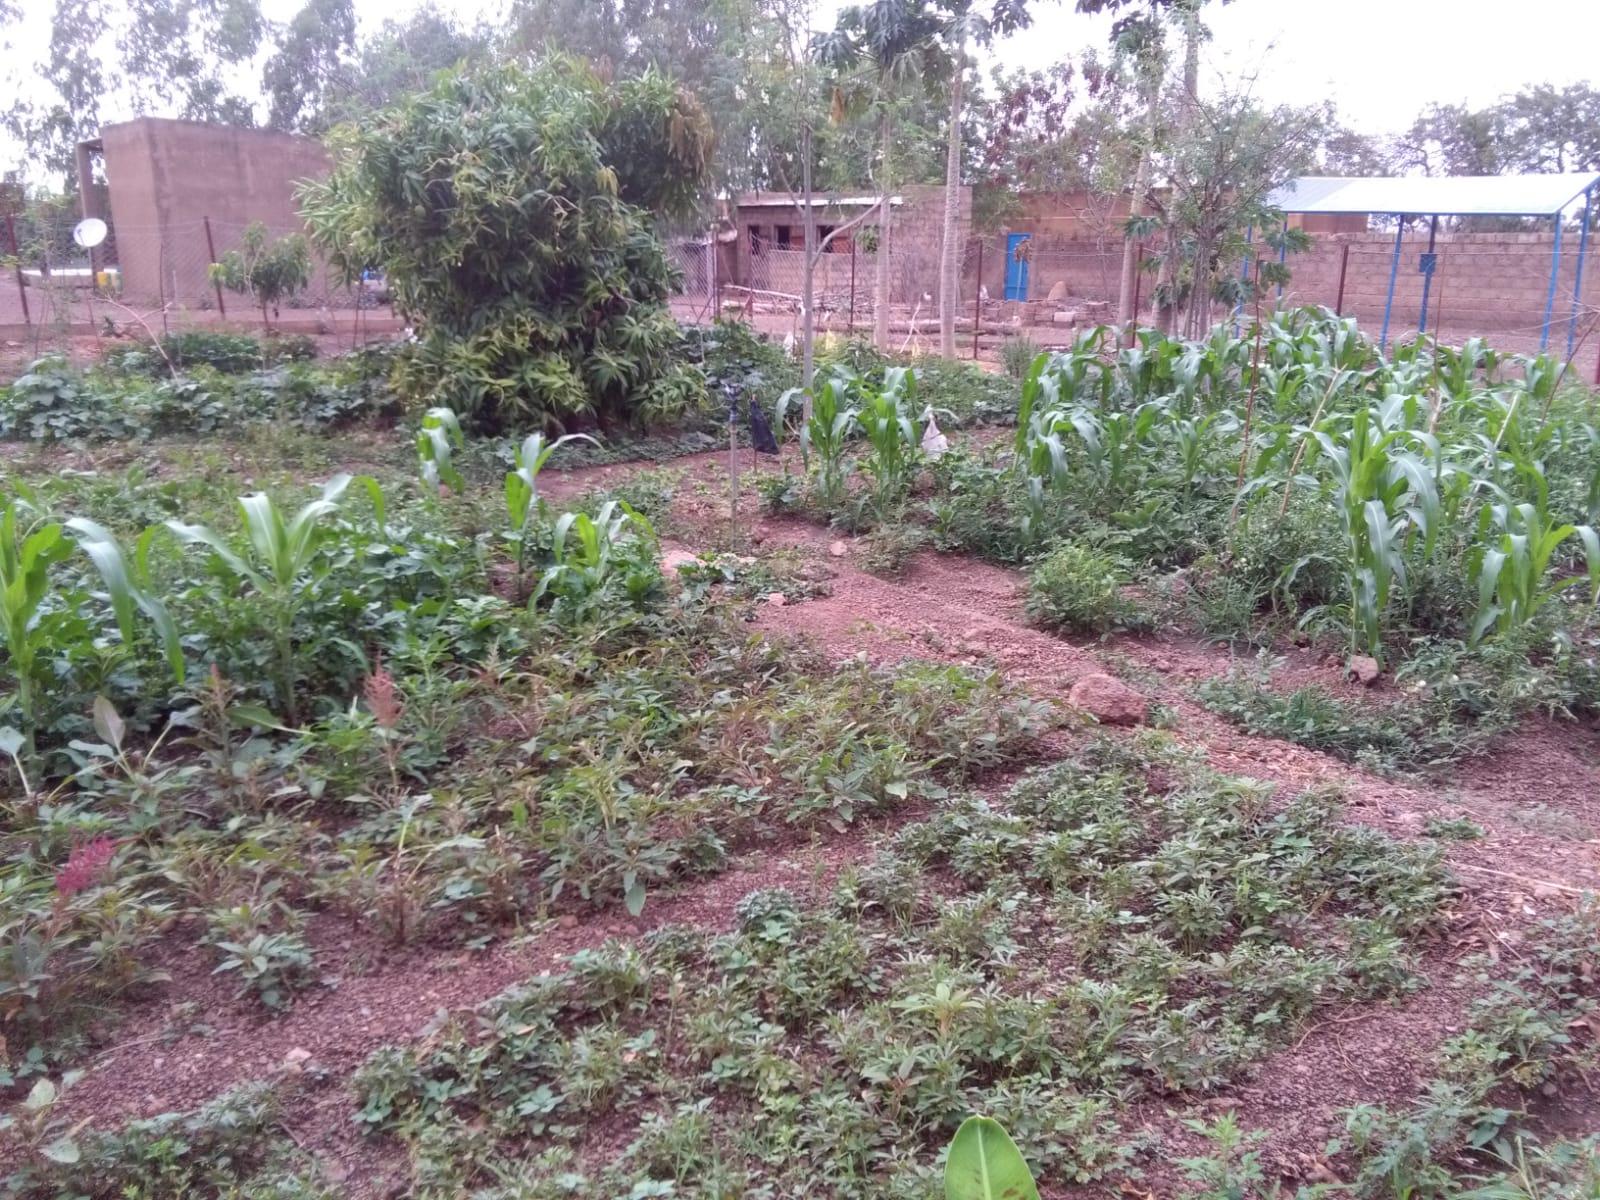 Diverse Früchte sowie Tomaten, Salat, Gurken, Zucchini, Mais, Bohnen und diverse Blätter für traditionelle Saucen finden sich im Garten.